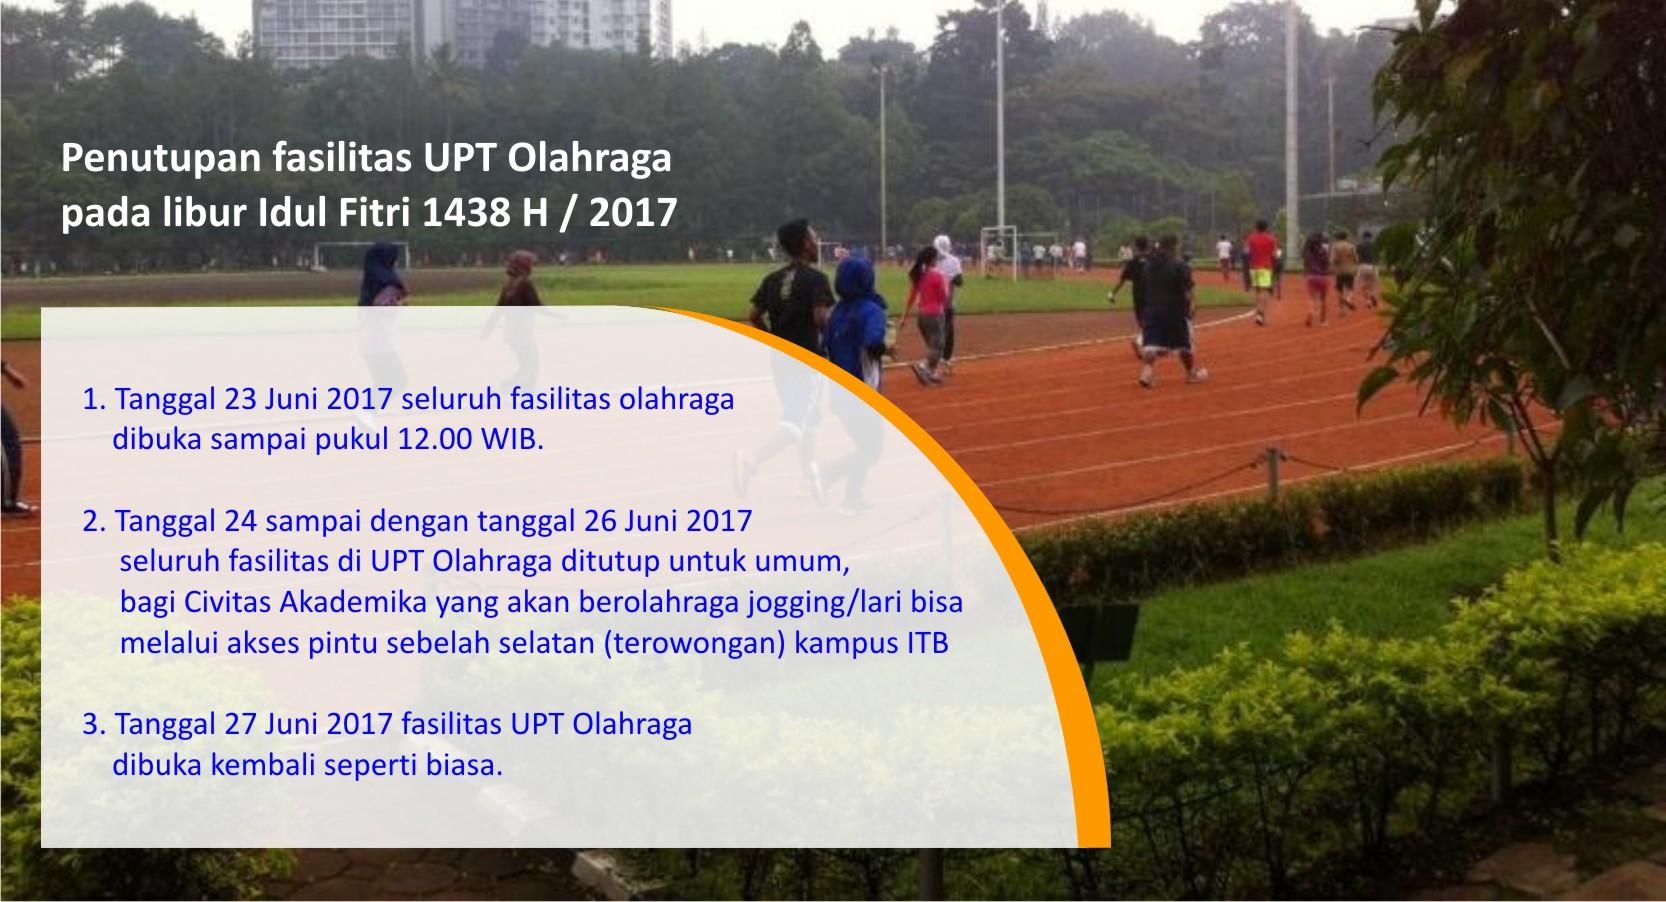 Penutupan Fasilitas UPT Olahraga pada Libur Idul Fitri 1438 H / 2017